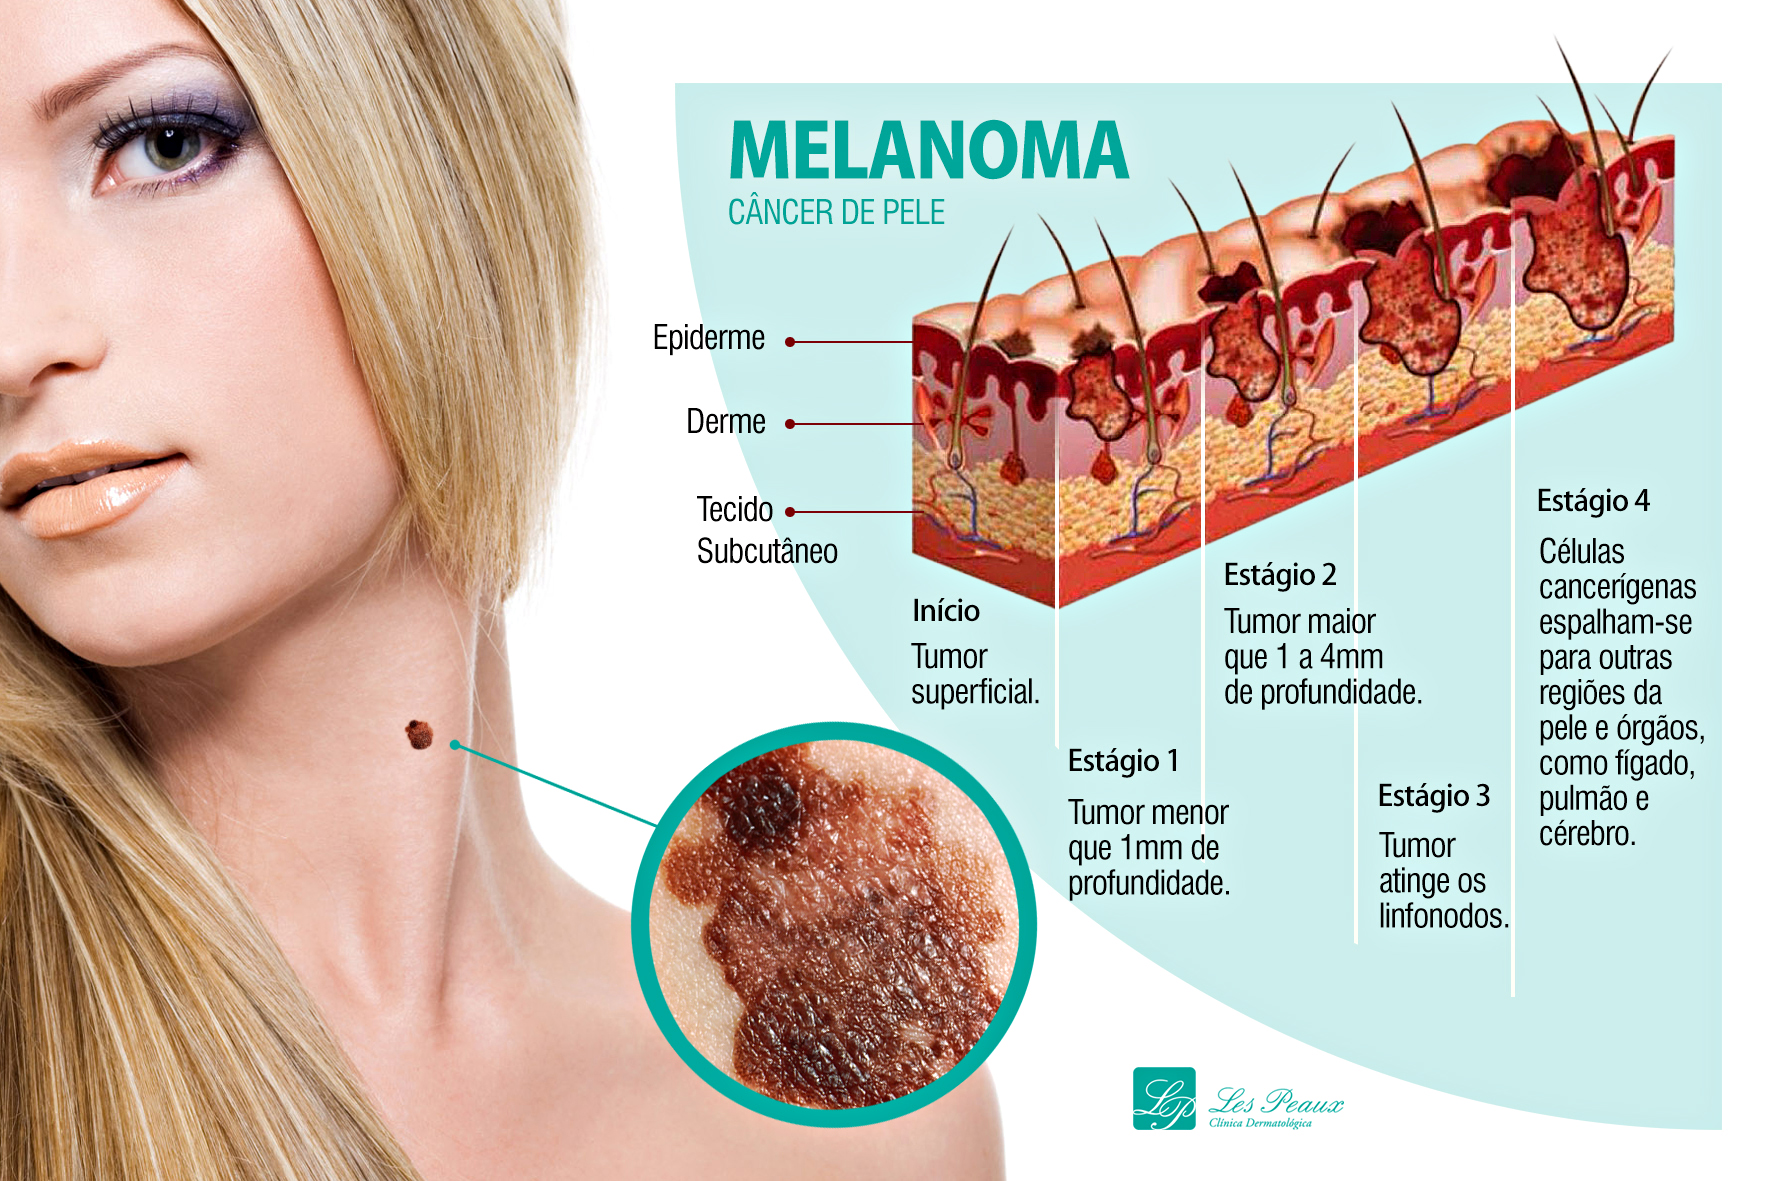 Nos estágios iniciais, o Melanoma, tipo de câncer de pele mais agressivo, se desenvolve apenas na camada mais superficial da pele, o que facilita a remoção cirúrgica e a cura do tumor.